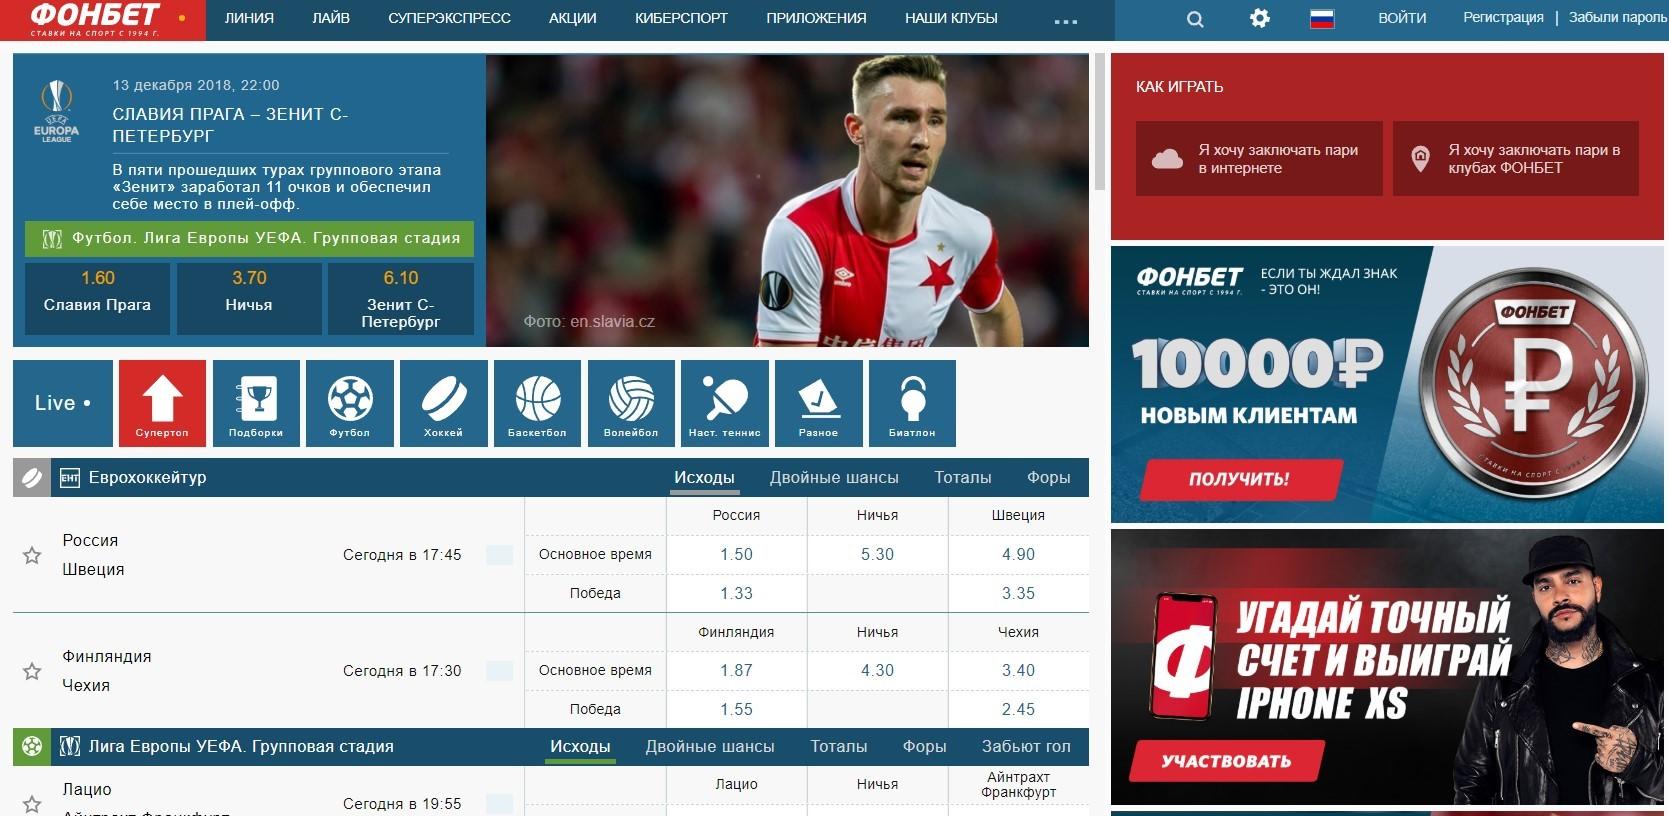 Fonbet ru. Главная страница